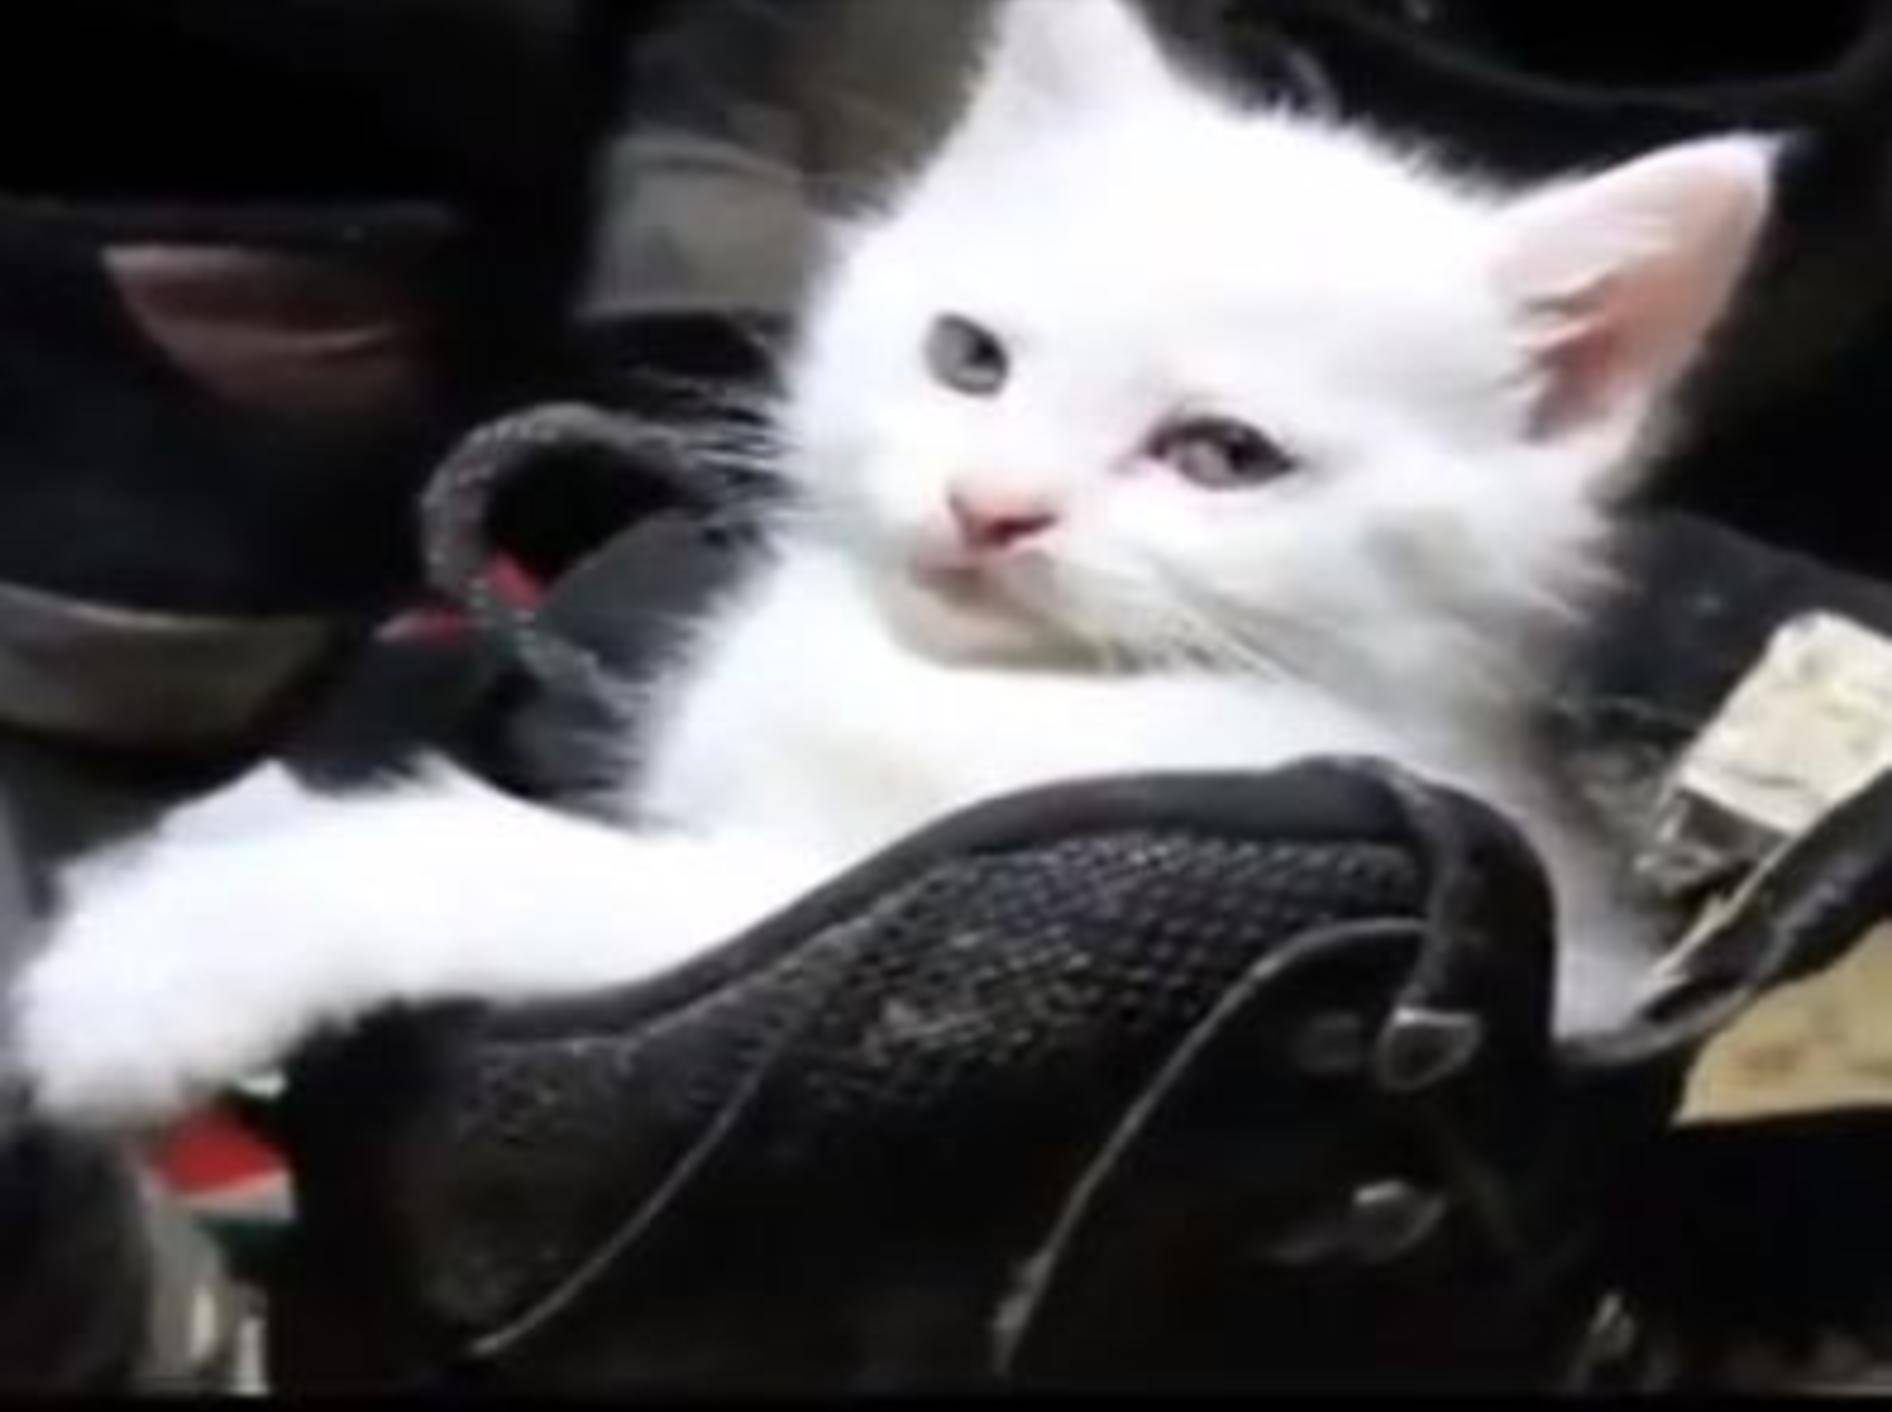 Hunde und Katzen beweisen: Gemütlichkeit ist relativ! — Bild: Youtube / ארז אבני